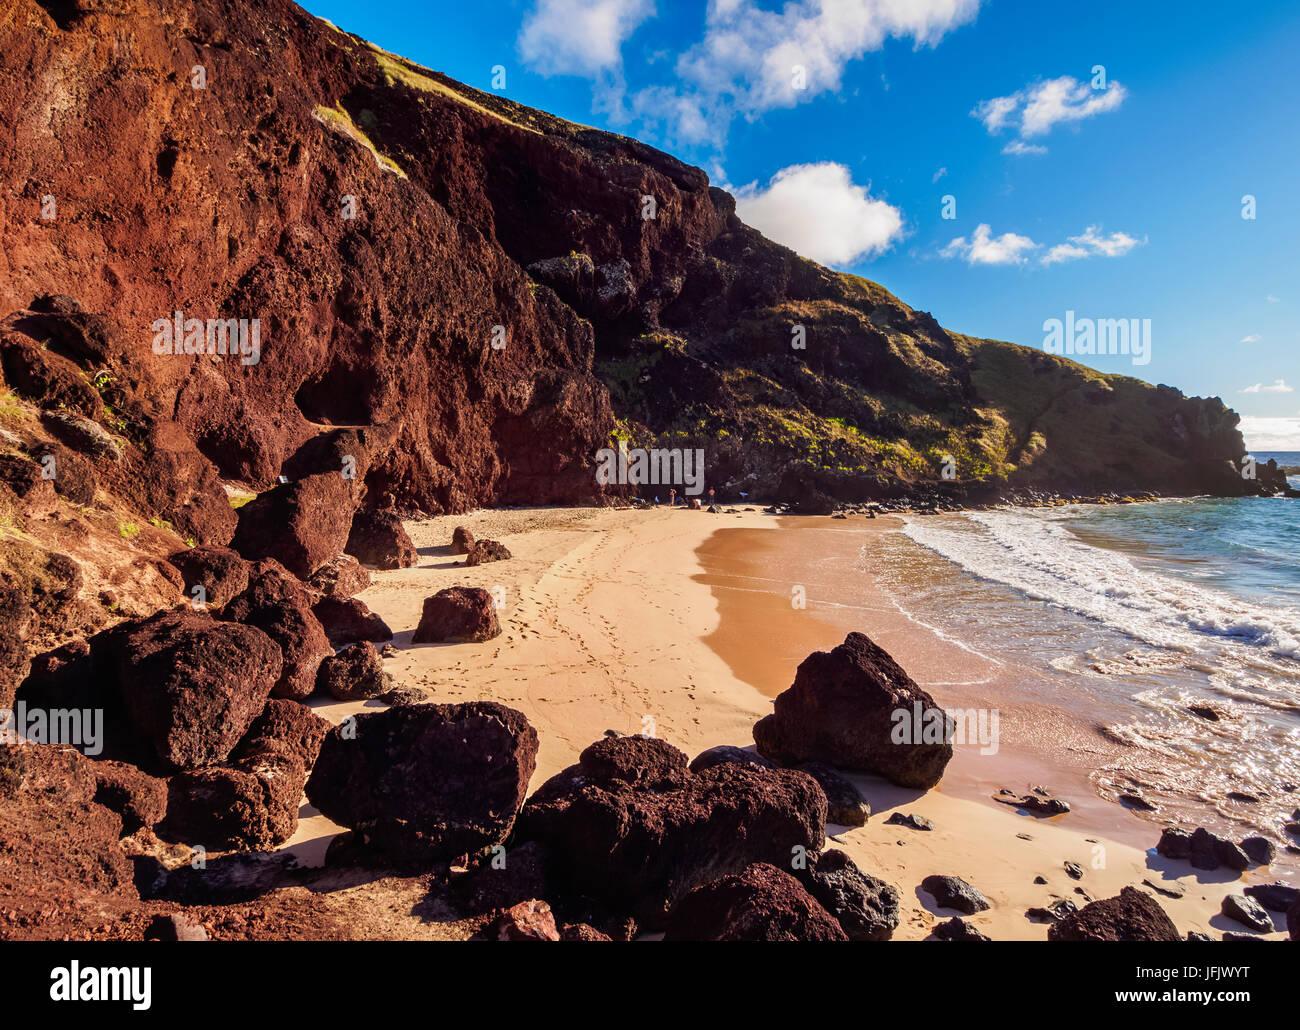 Plage Ovahe, île de Pâques, Chili Photo Stock